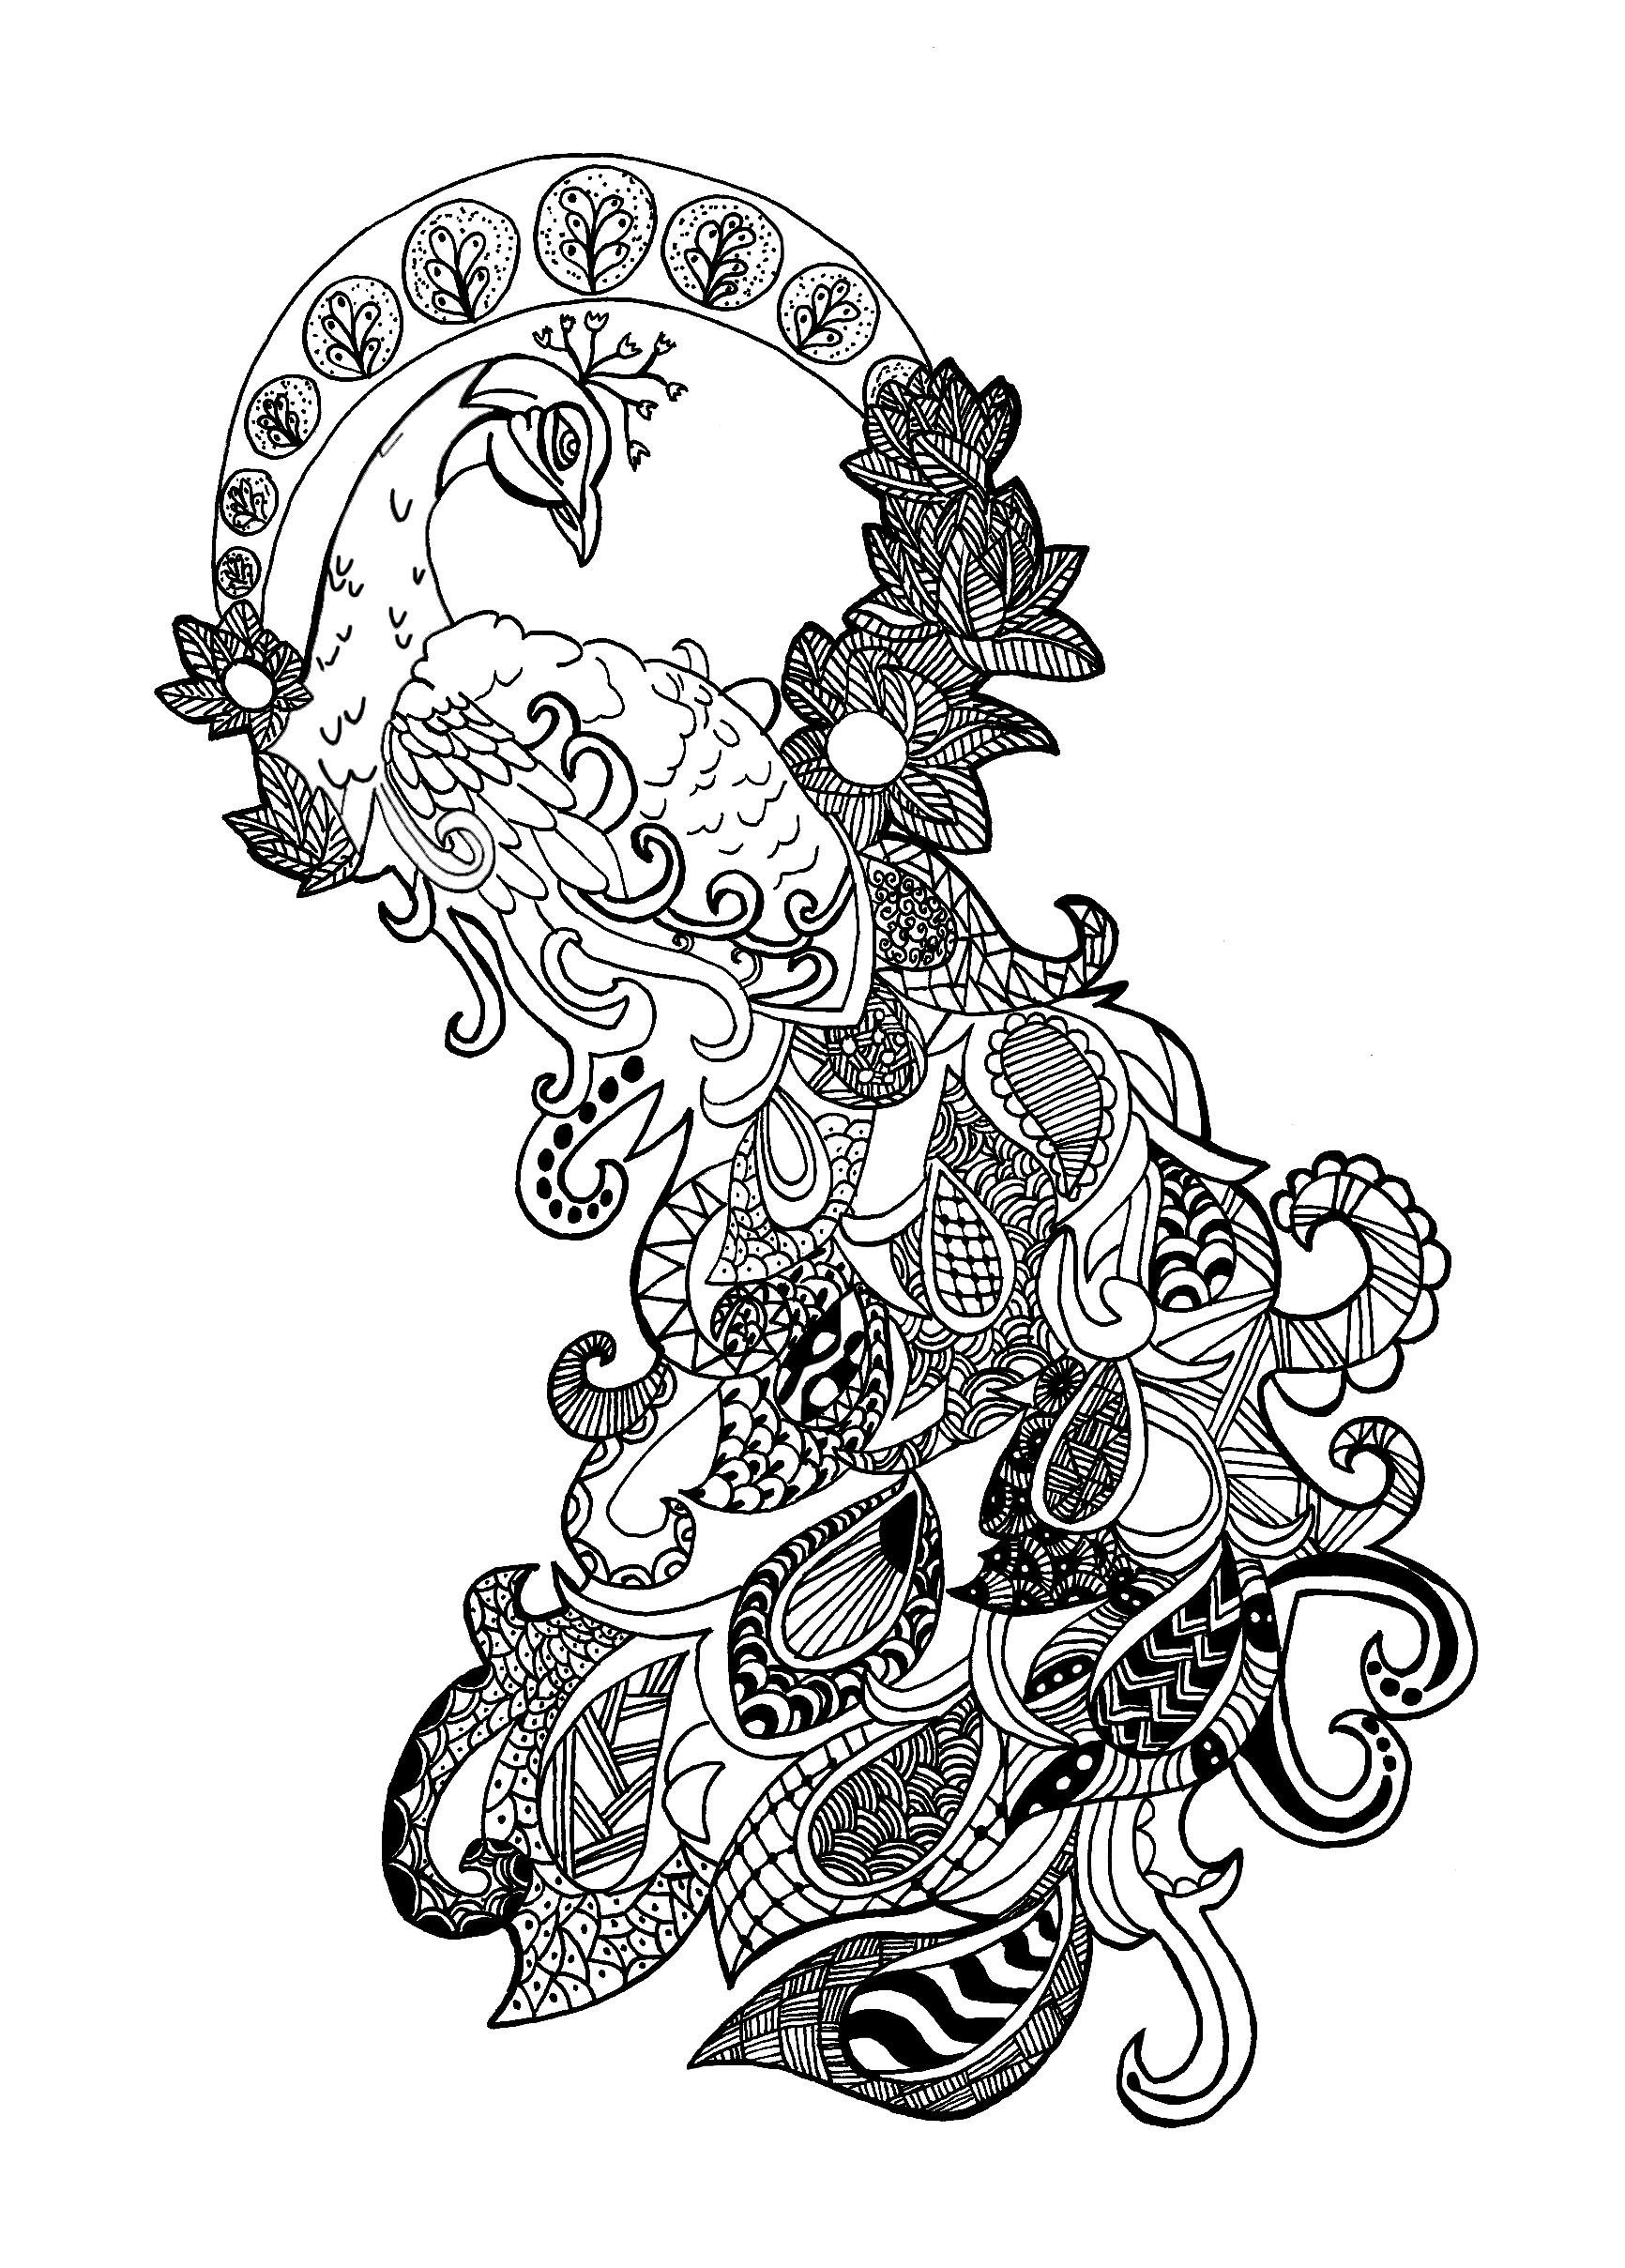 Colorear para adultos : Zentangle - 62